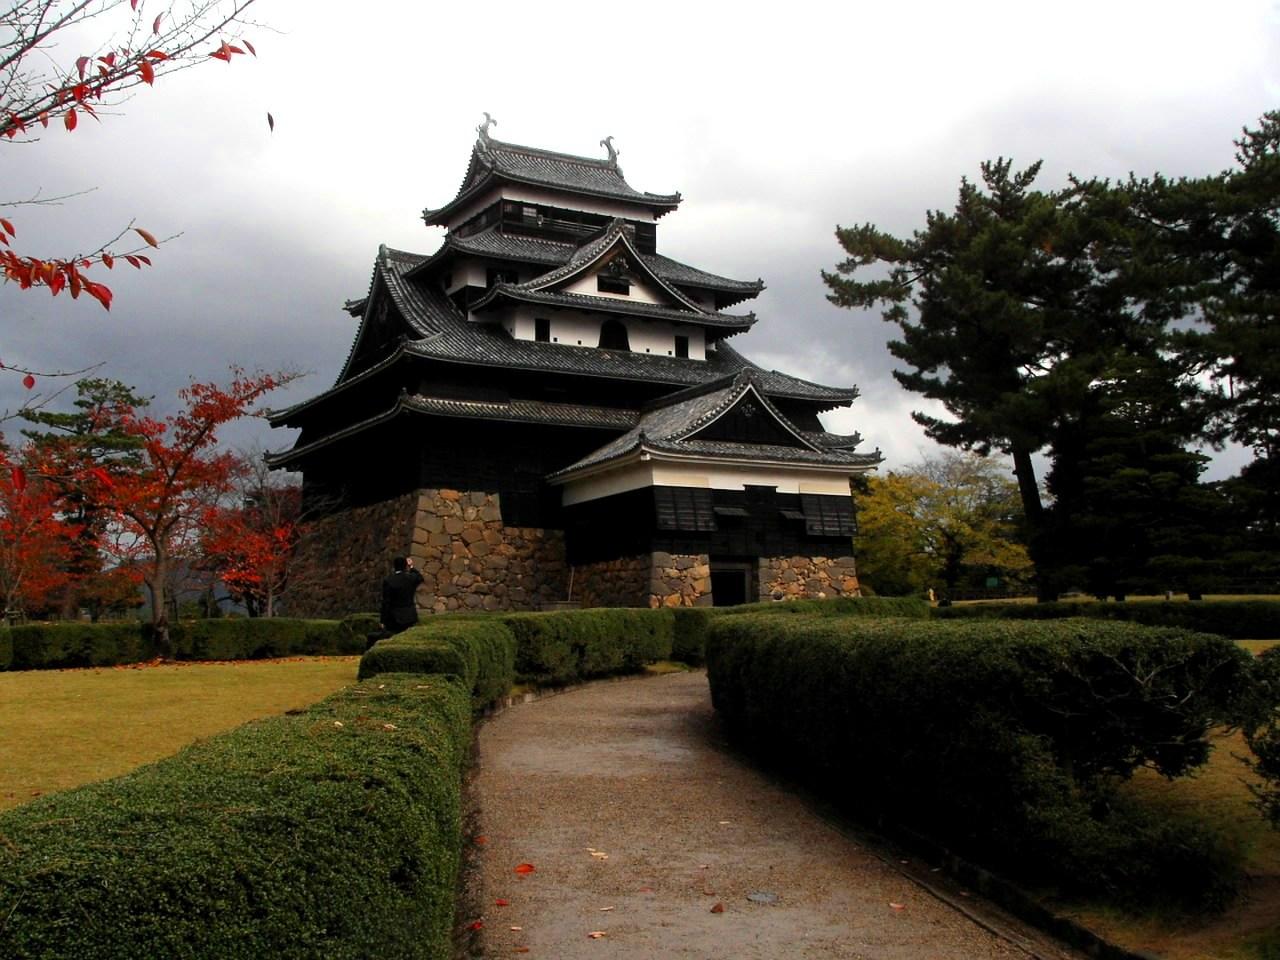 国宝松江城は、全国で現存する唯一の正統天守といわれる